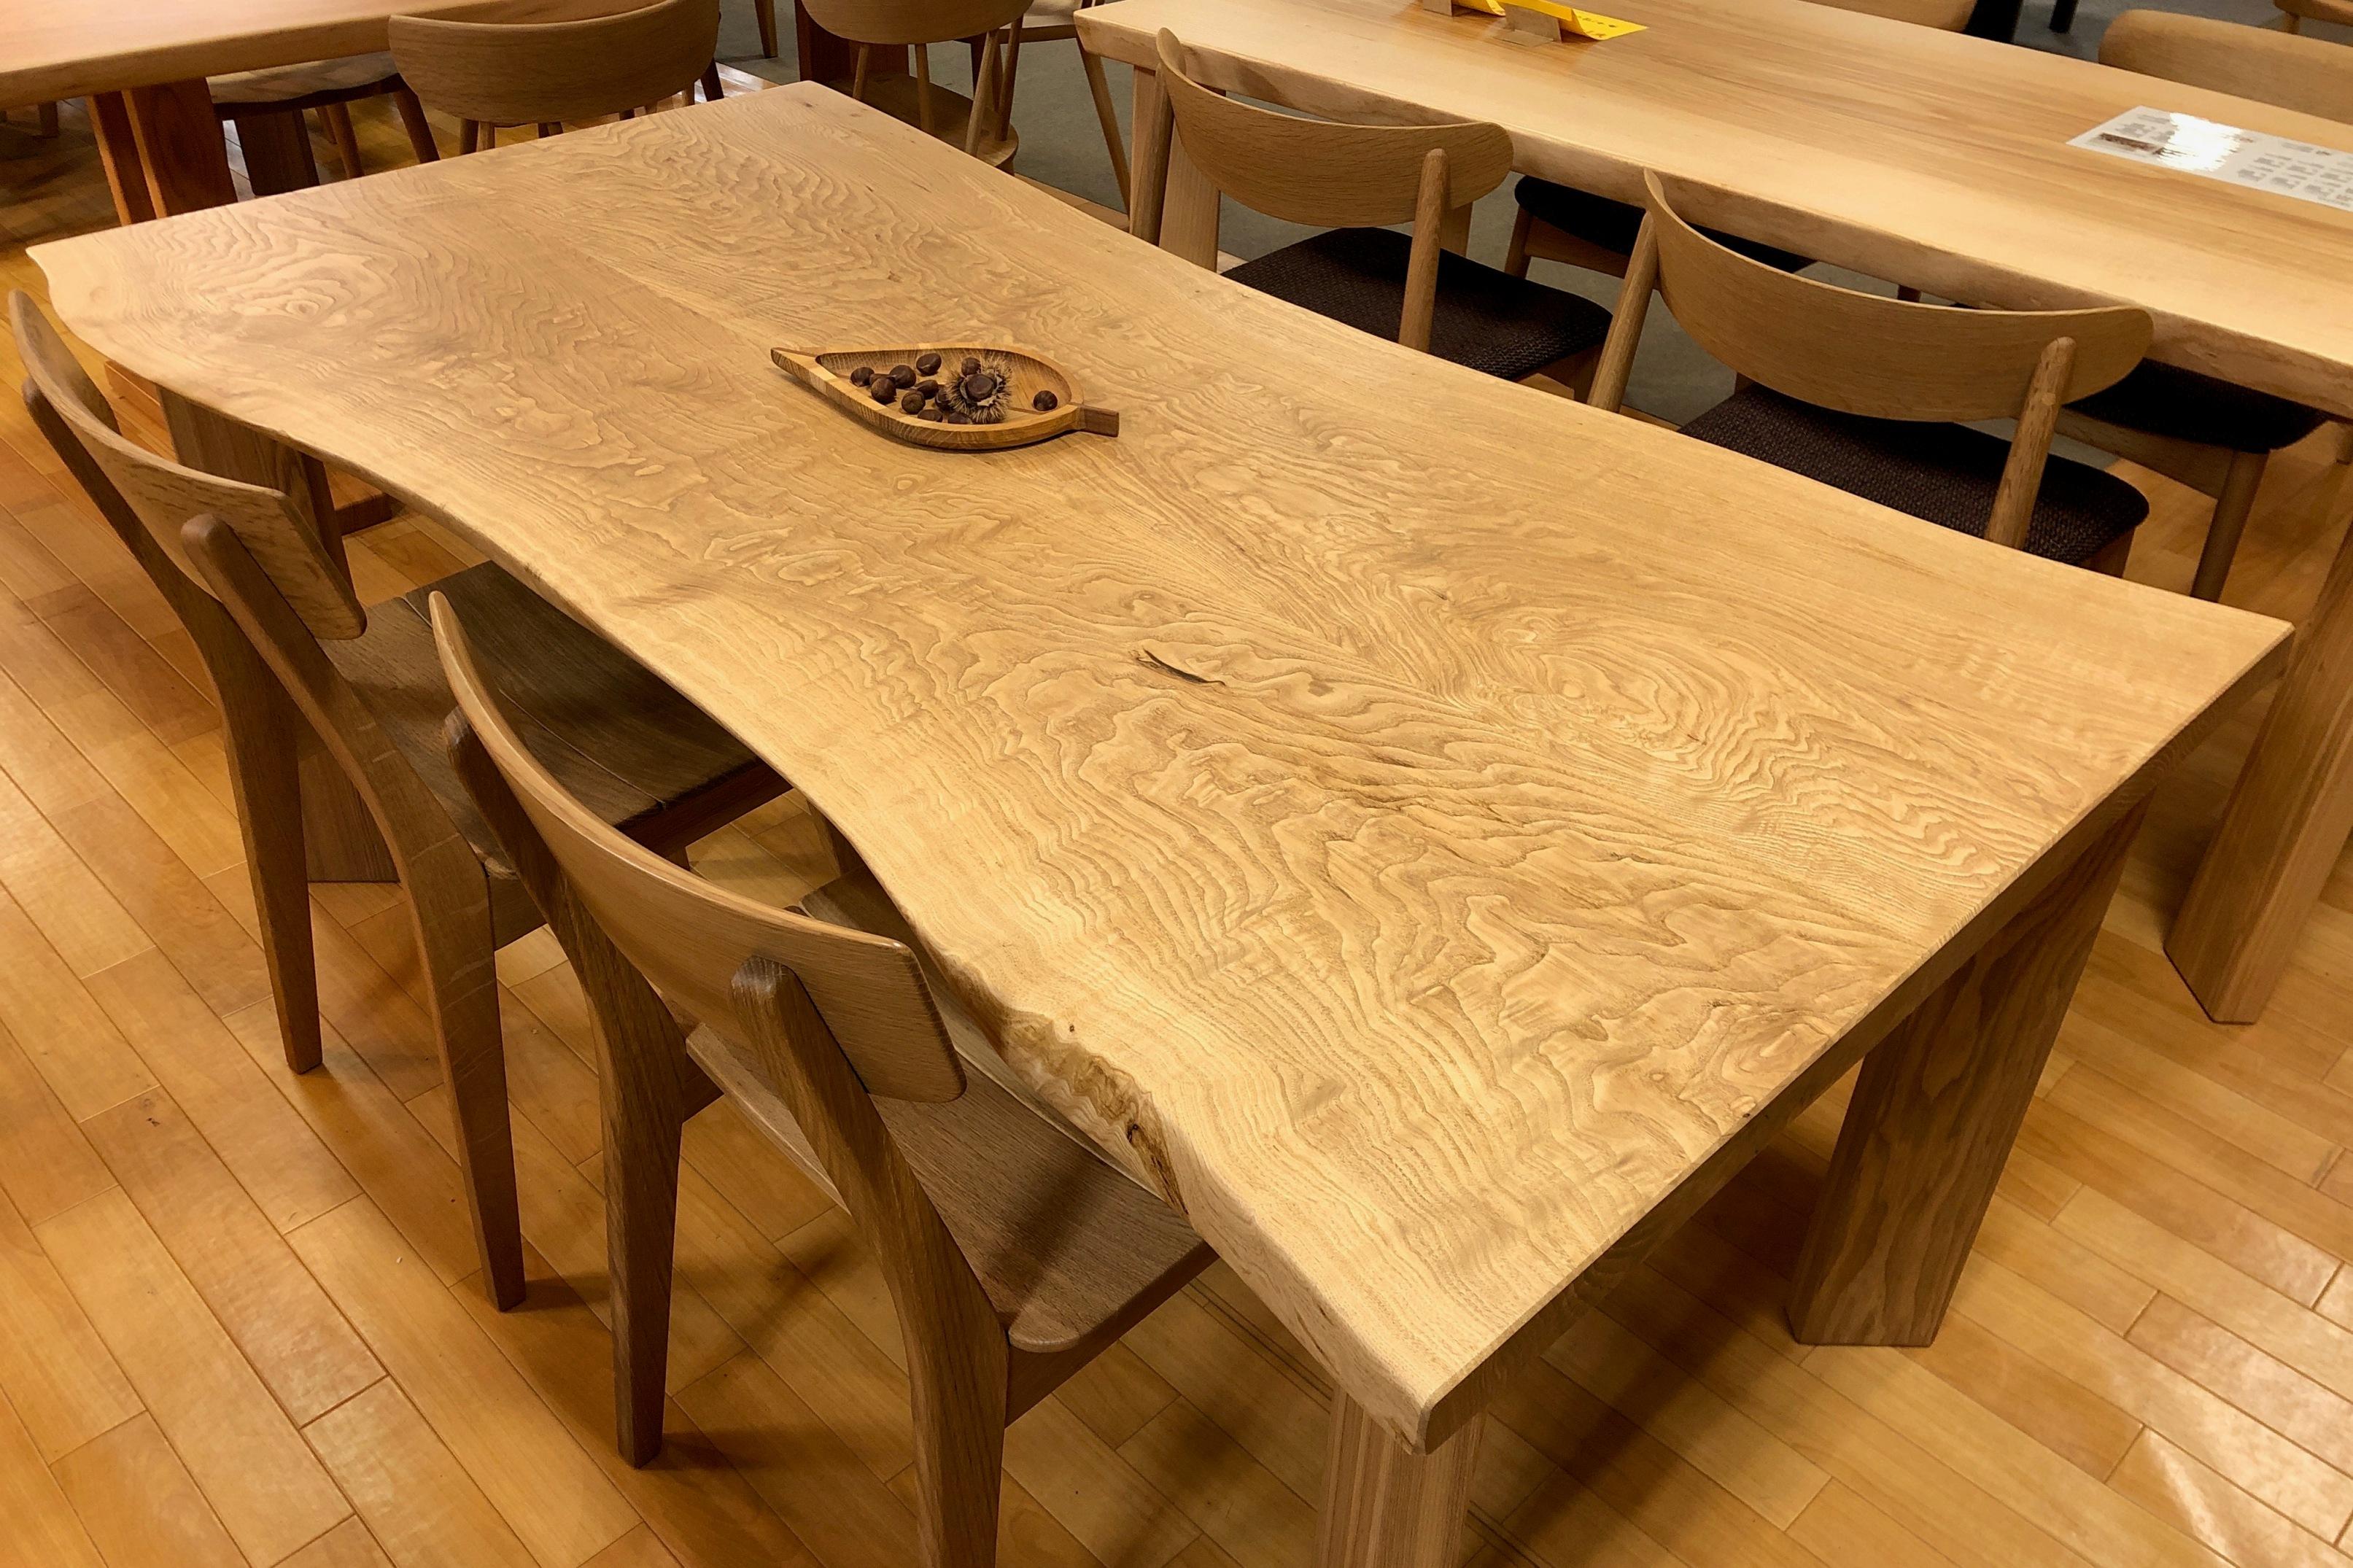 飛騨の家具 セール フェア 一枚板 耳付きテーブル クリ 栗 無垢 天然木 木匠舘マイドゥ